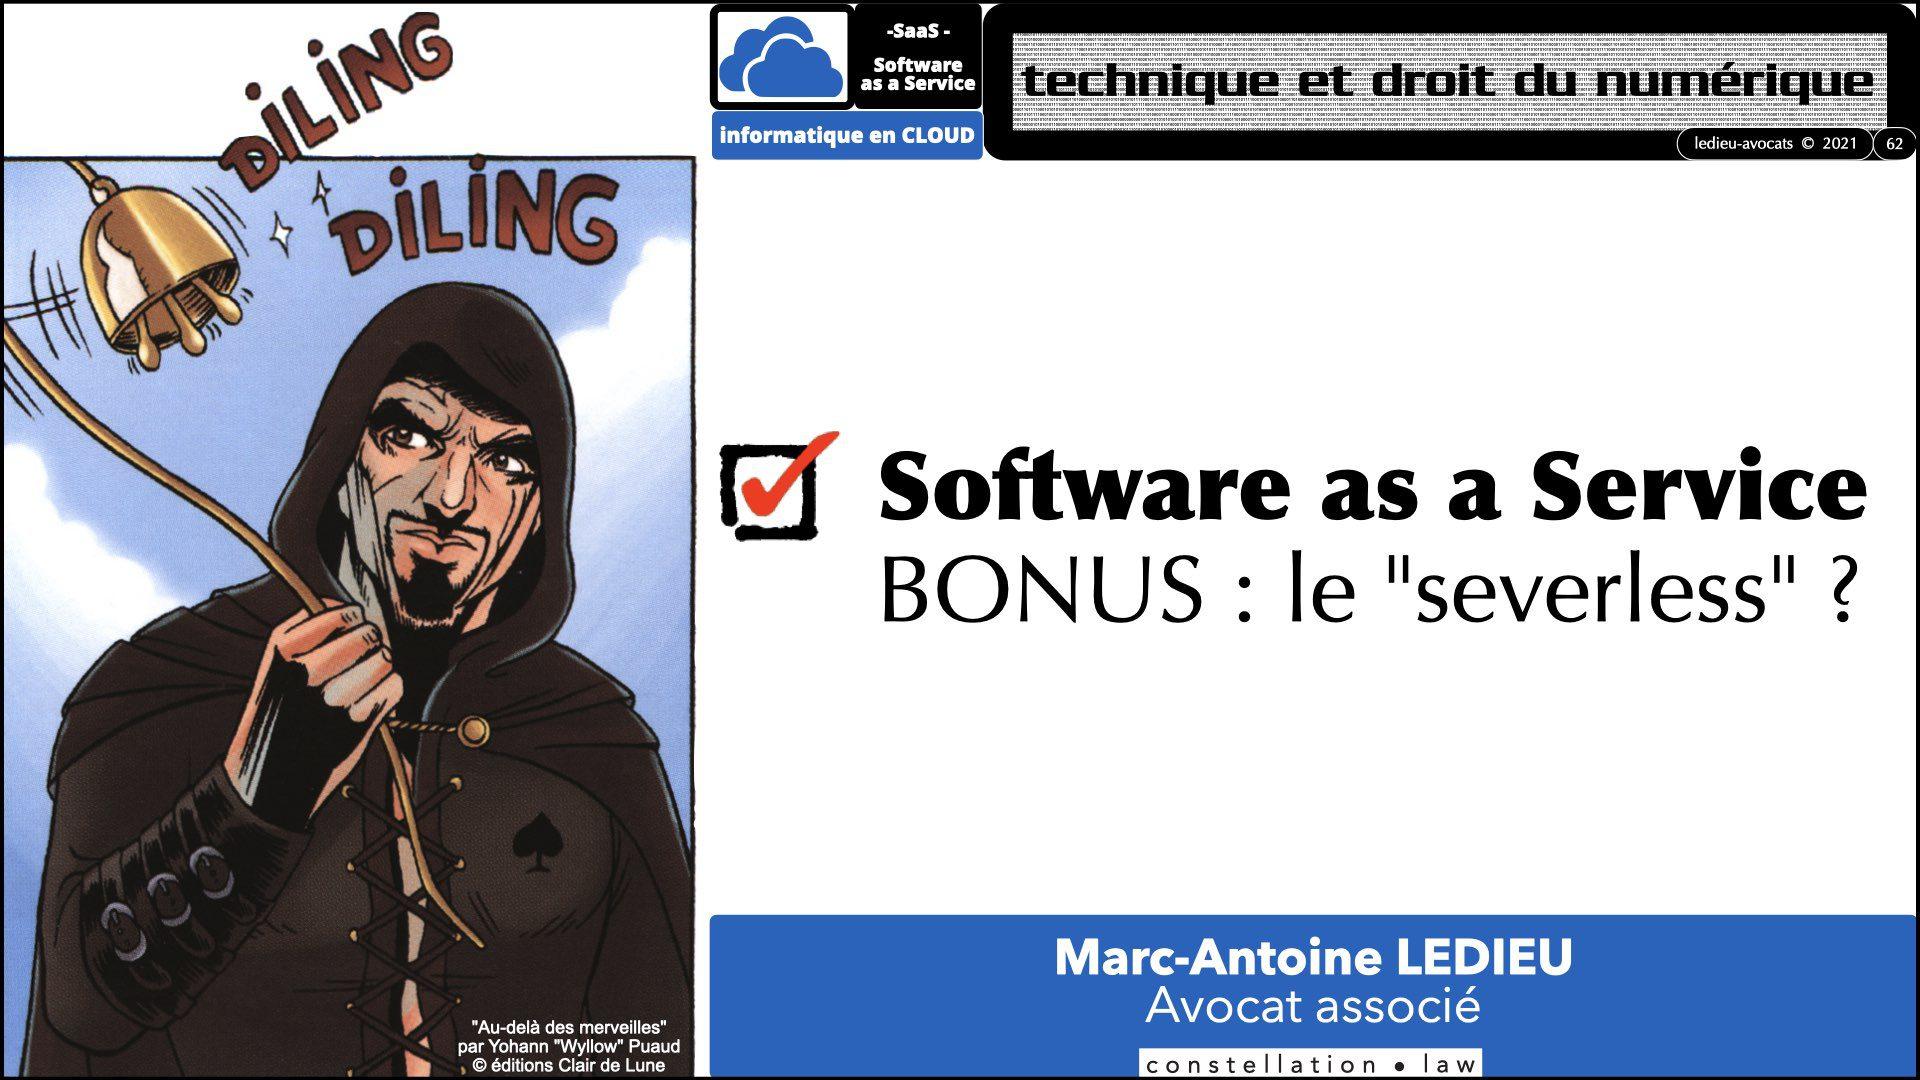 343 service LOGICIEL SaaS Software-as-a-Service cloud computing © Ledieu-Avocats technique droit numerique 30-08-2021.062